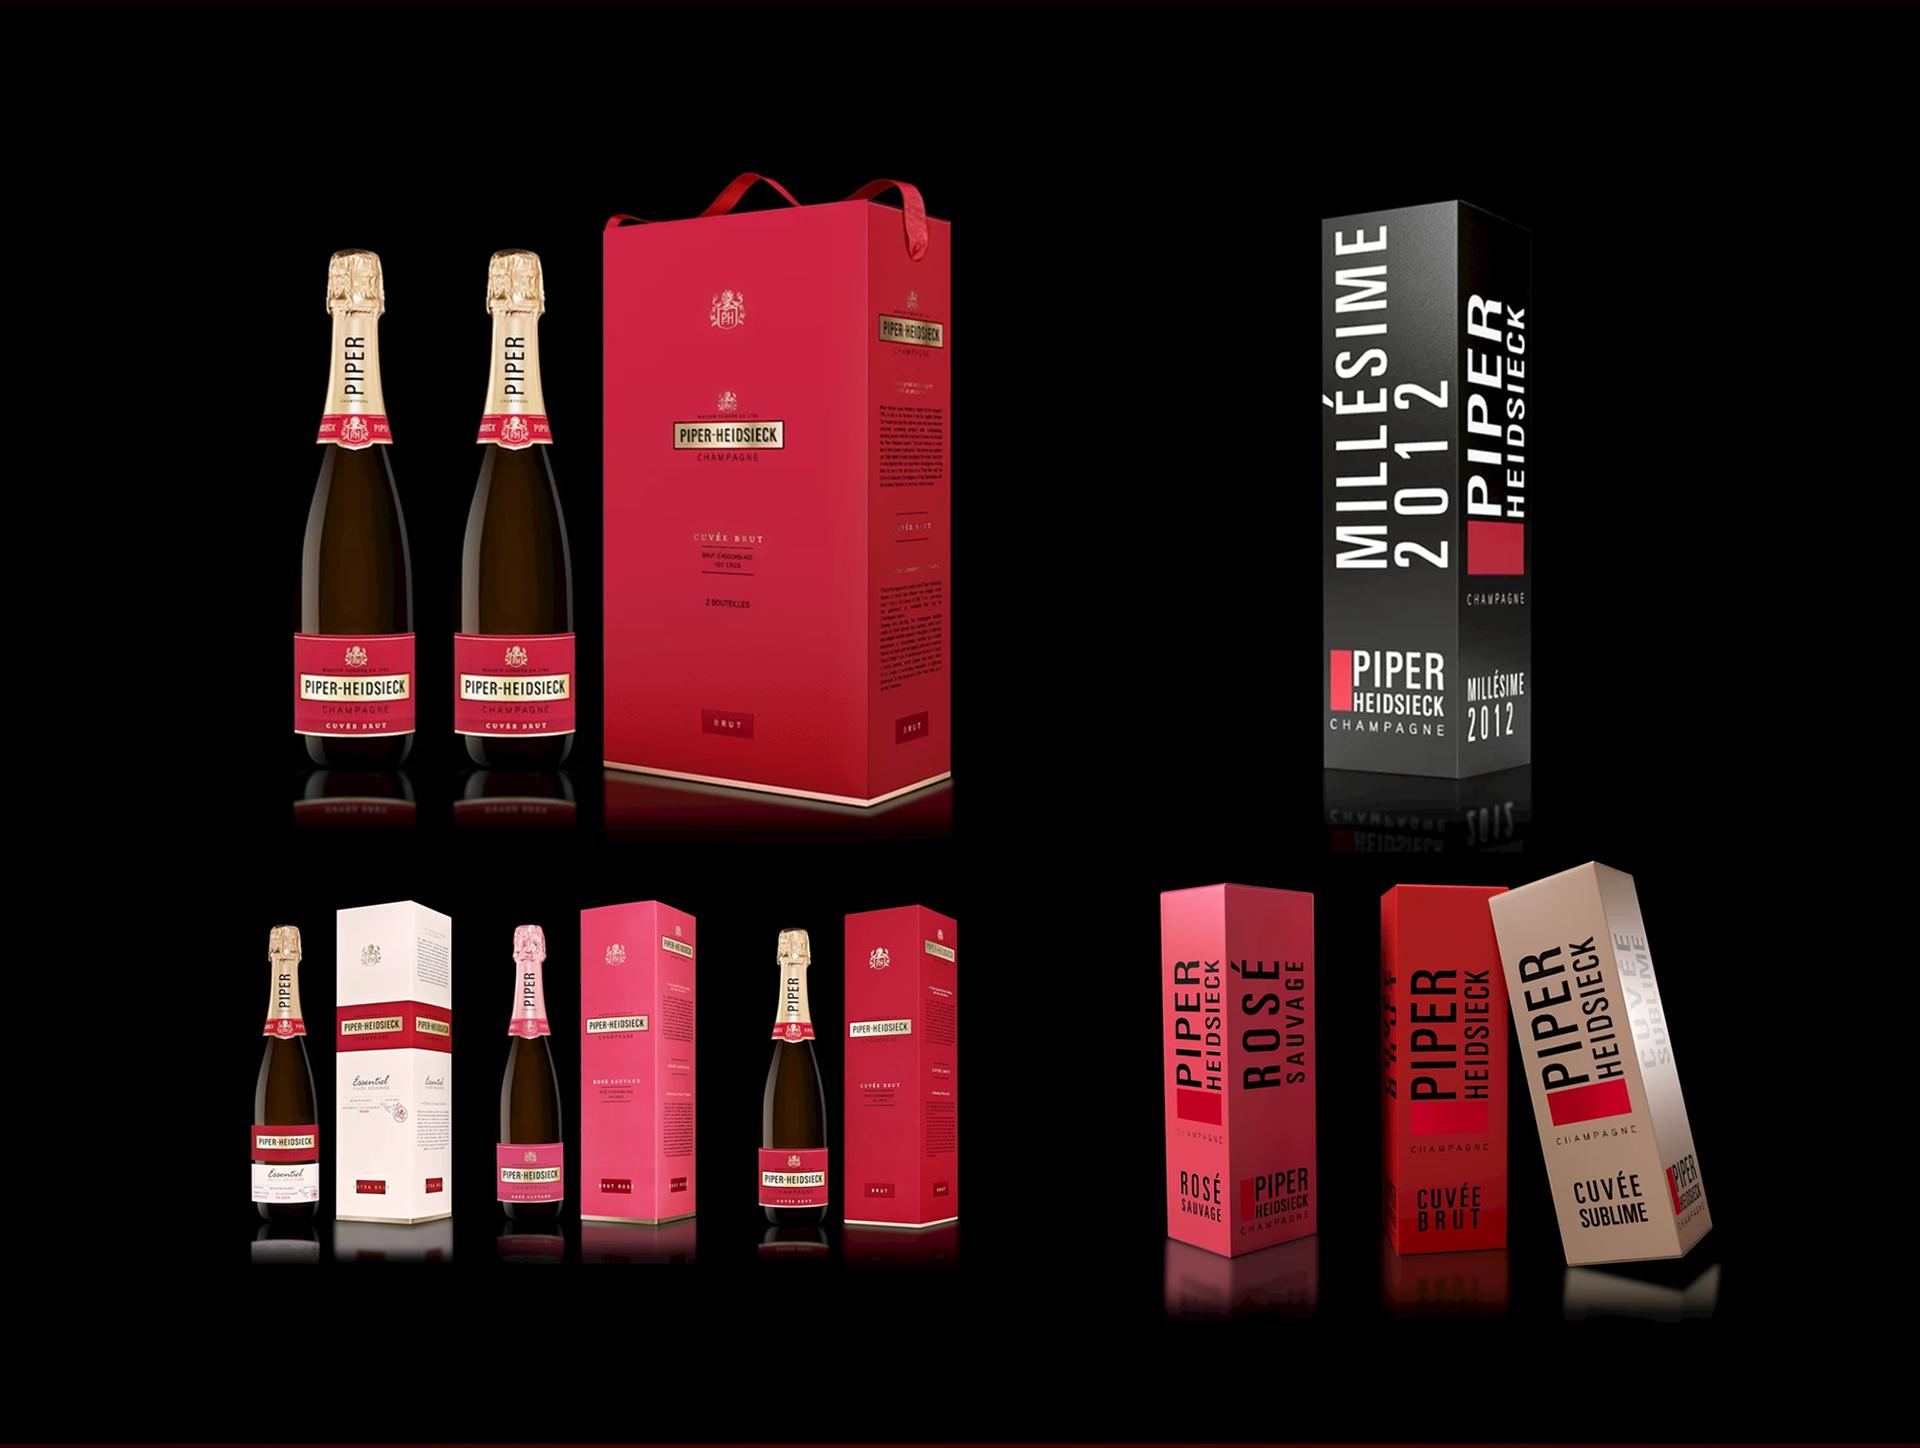 Packaging réalisé par Etude de K pour Piper-Heidsieck